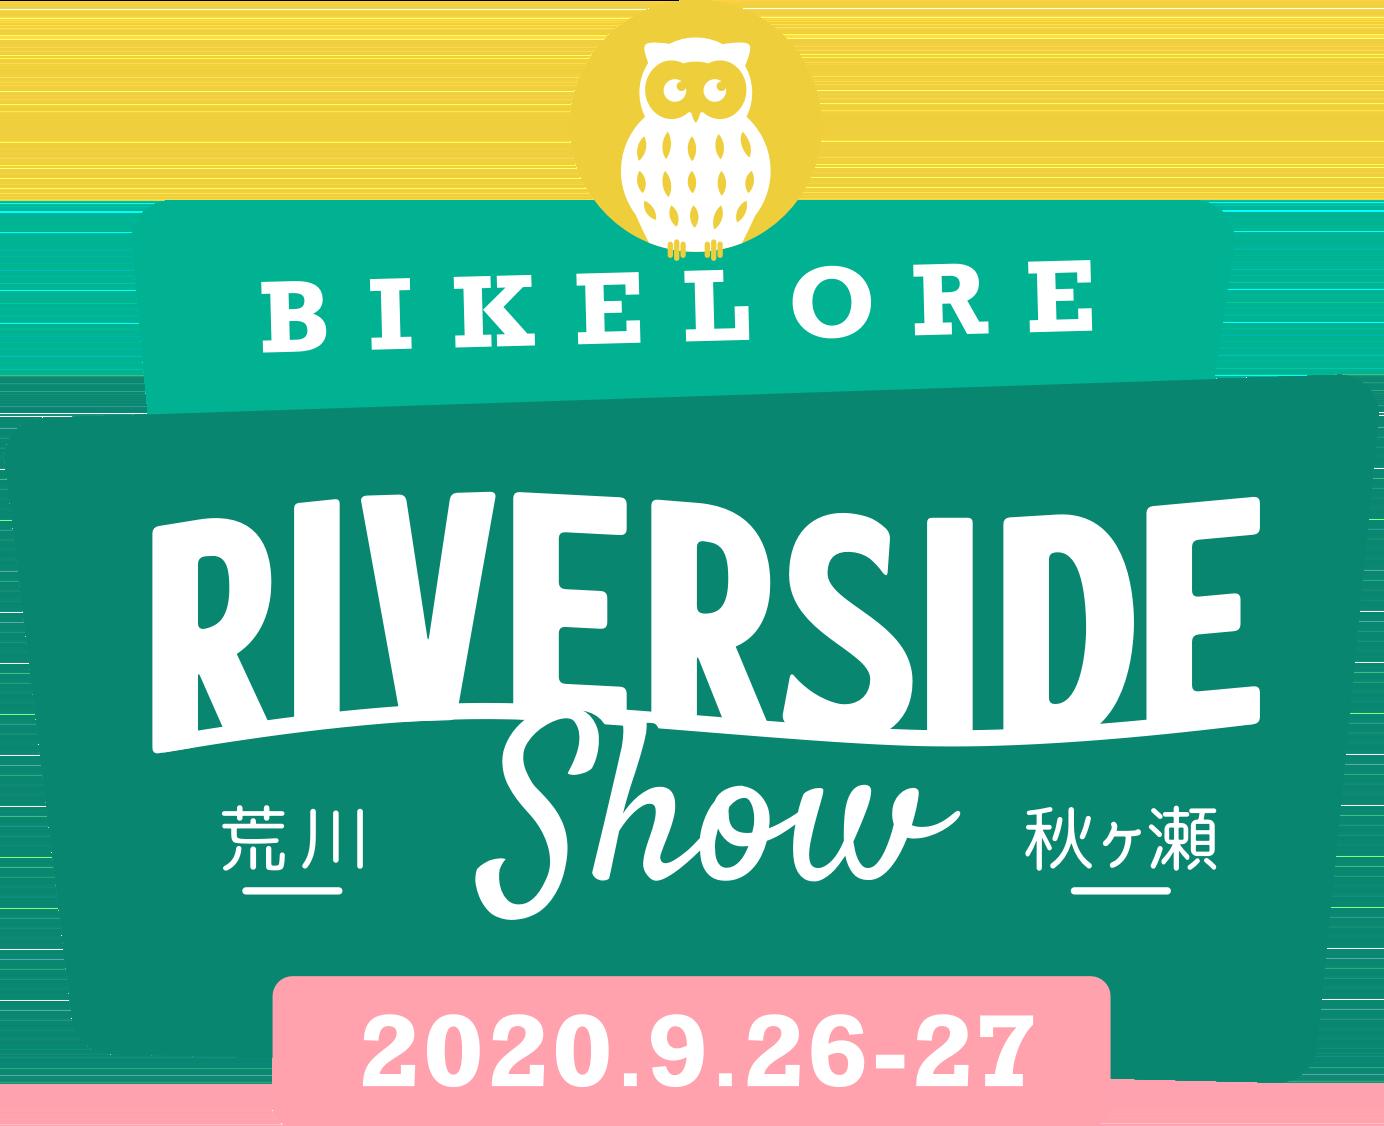 バイクロア リバーサイドショー / BIKELORE RIVERSIDE SHOW 2020年 9月26日(土)~9月27日(日)